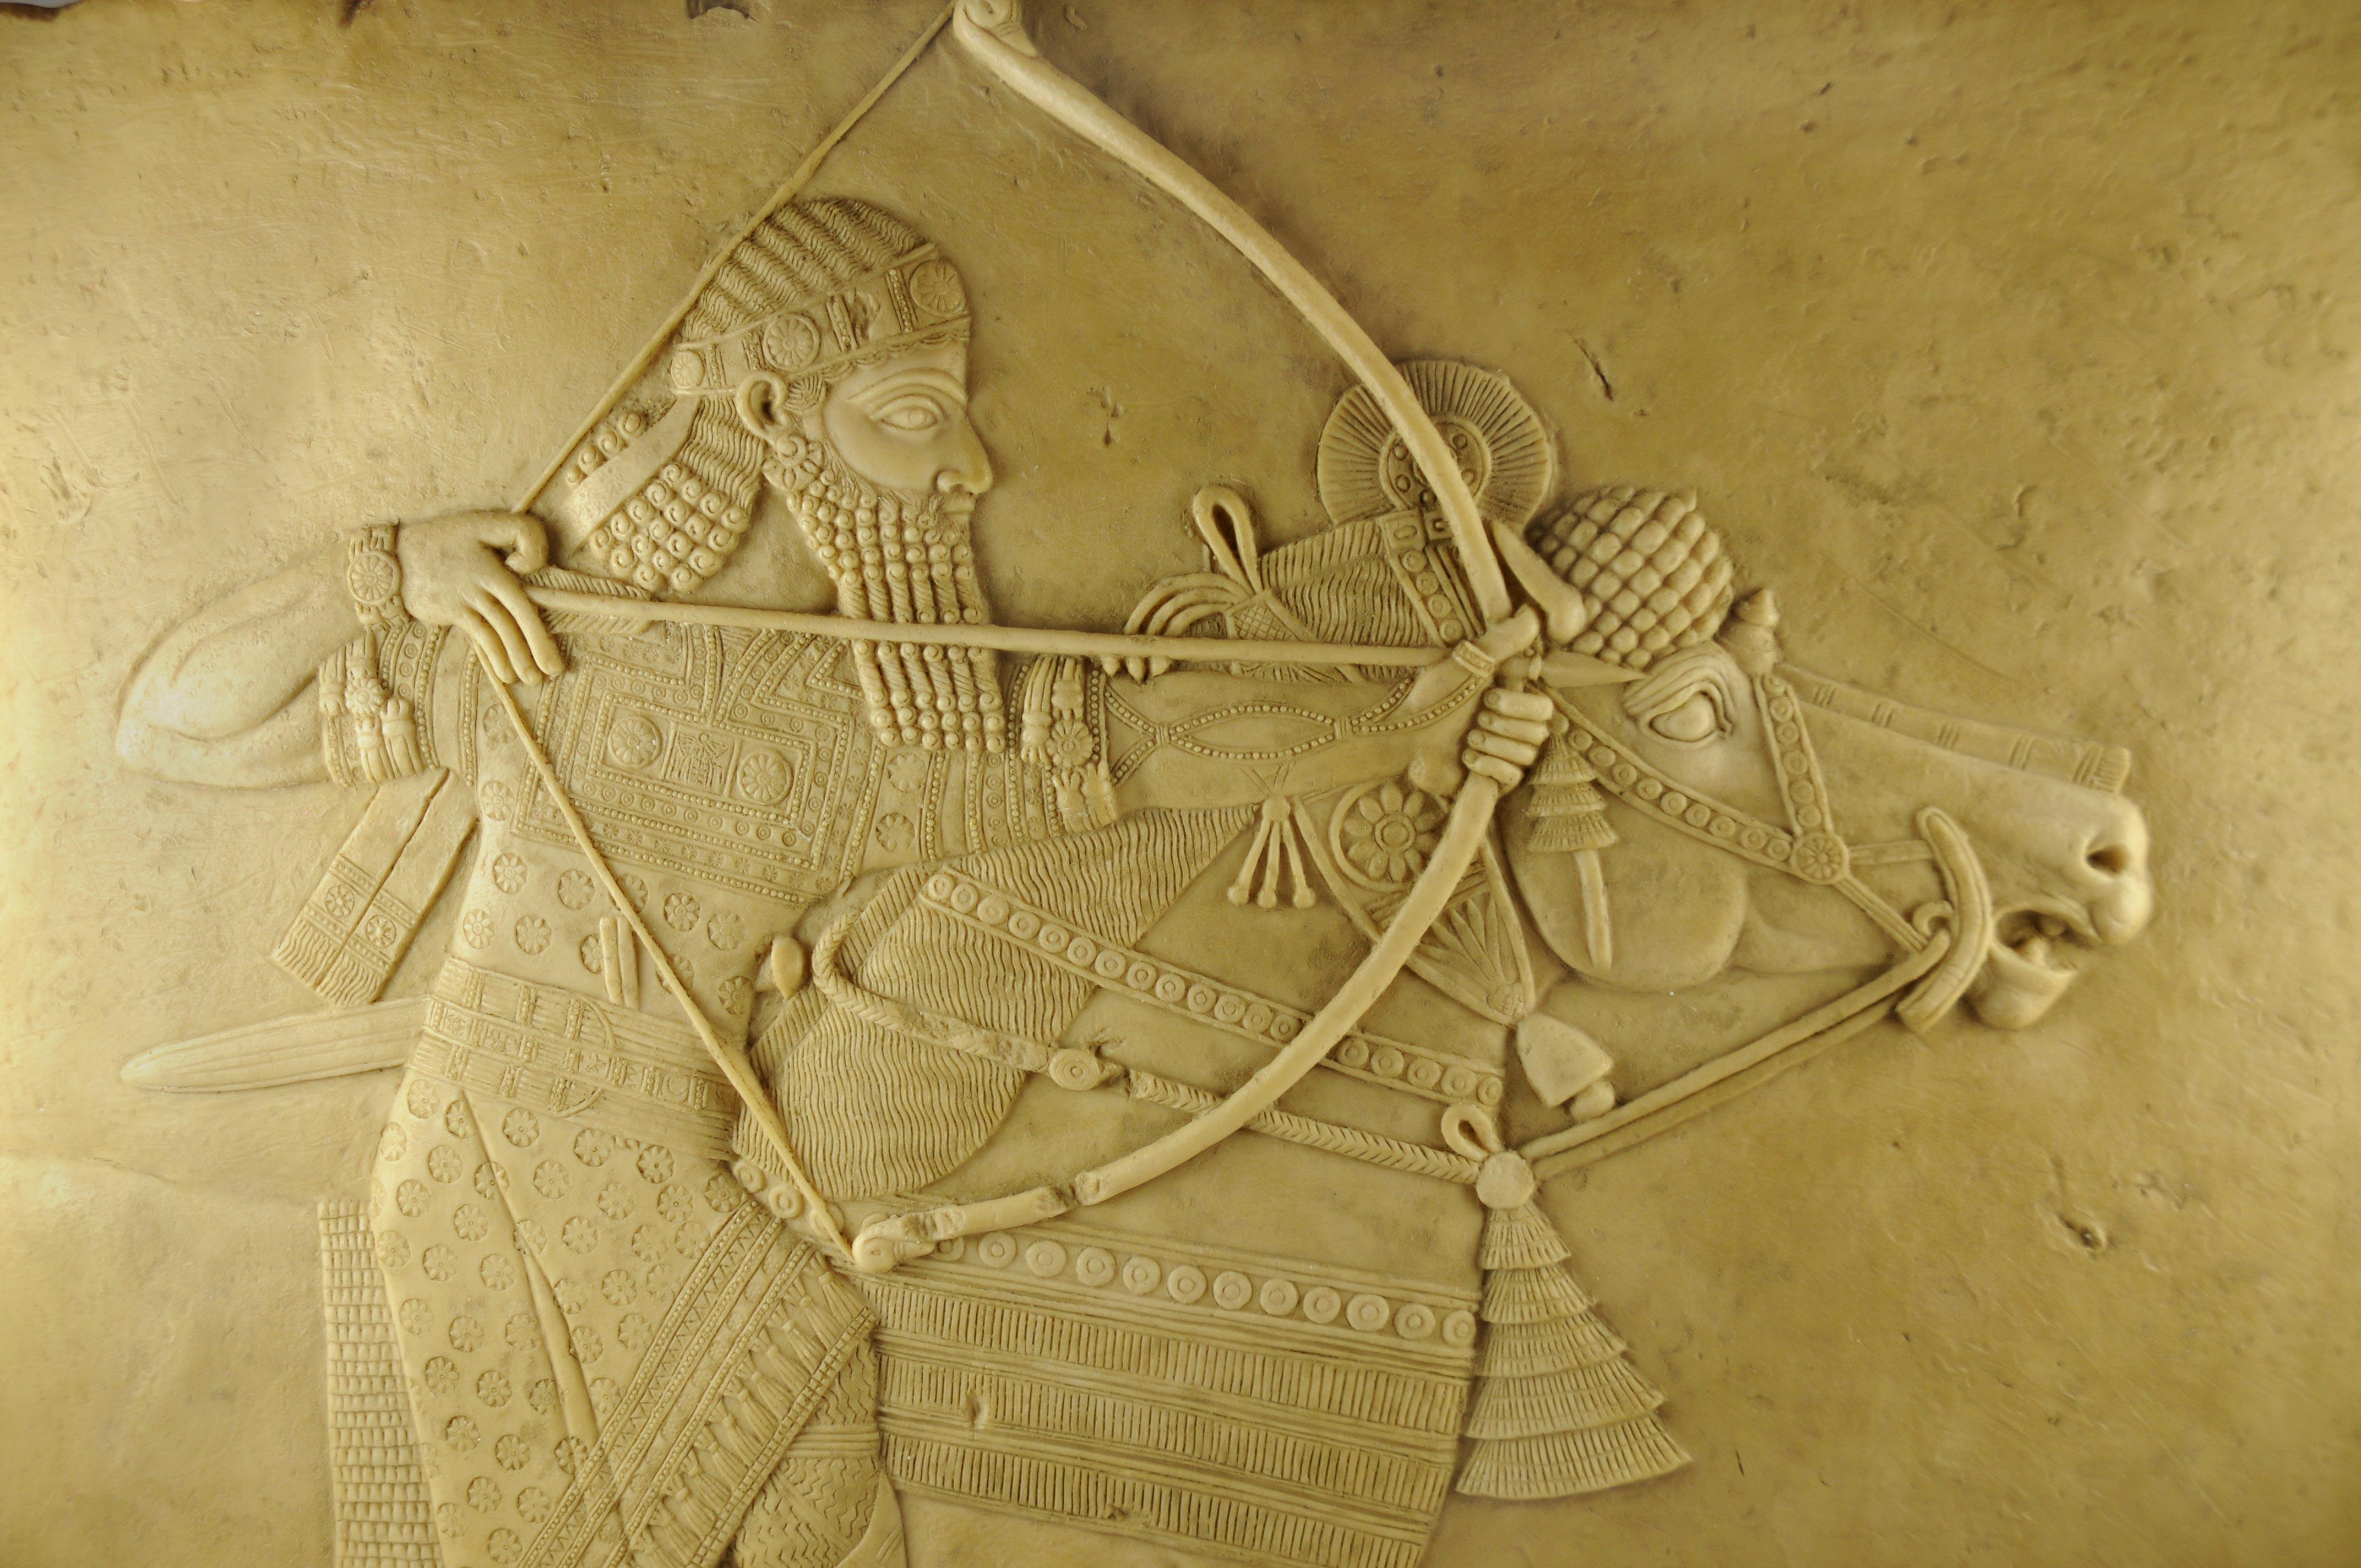 Ashurbanipal King Of Assyria 668 627 BC Ashurbanipal King Of Assyria 668 627 BC AS13